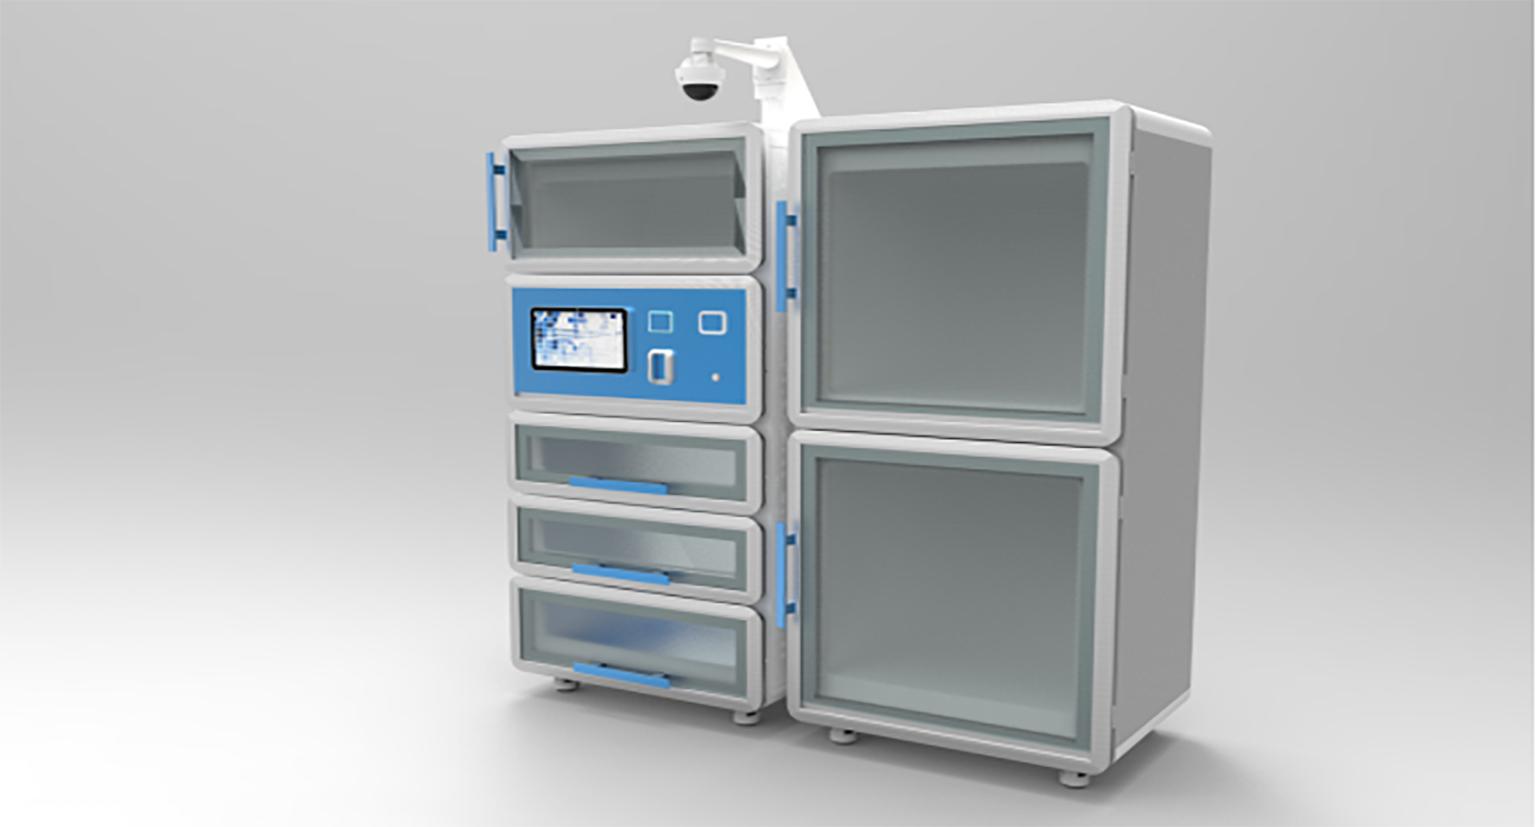 医用高值耗材管理系统在医院的应用